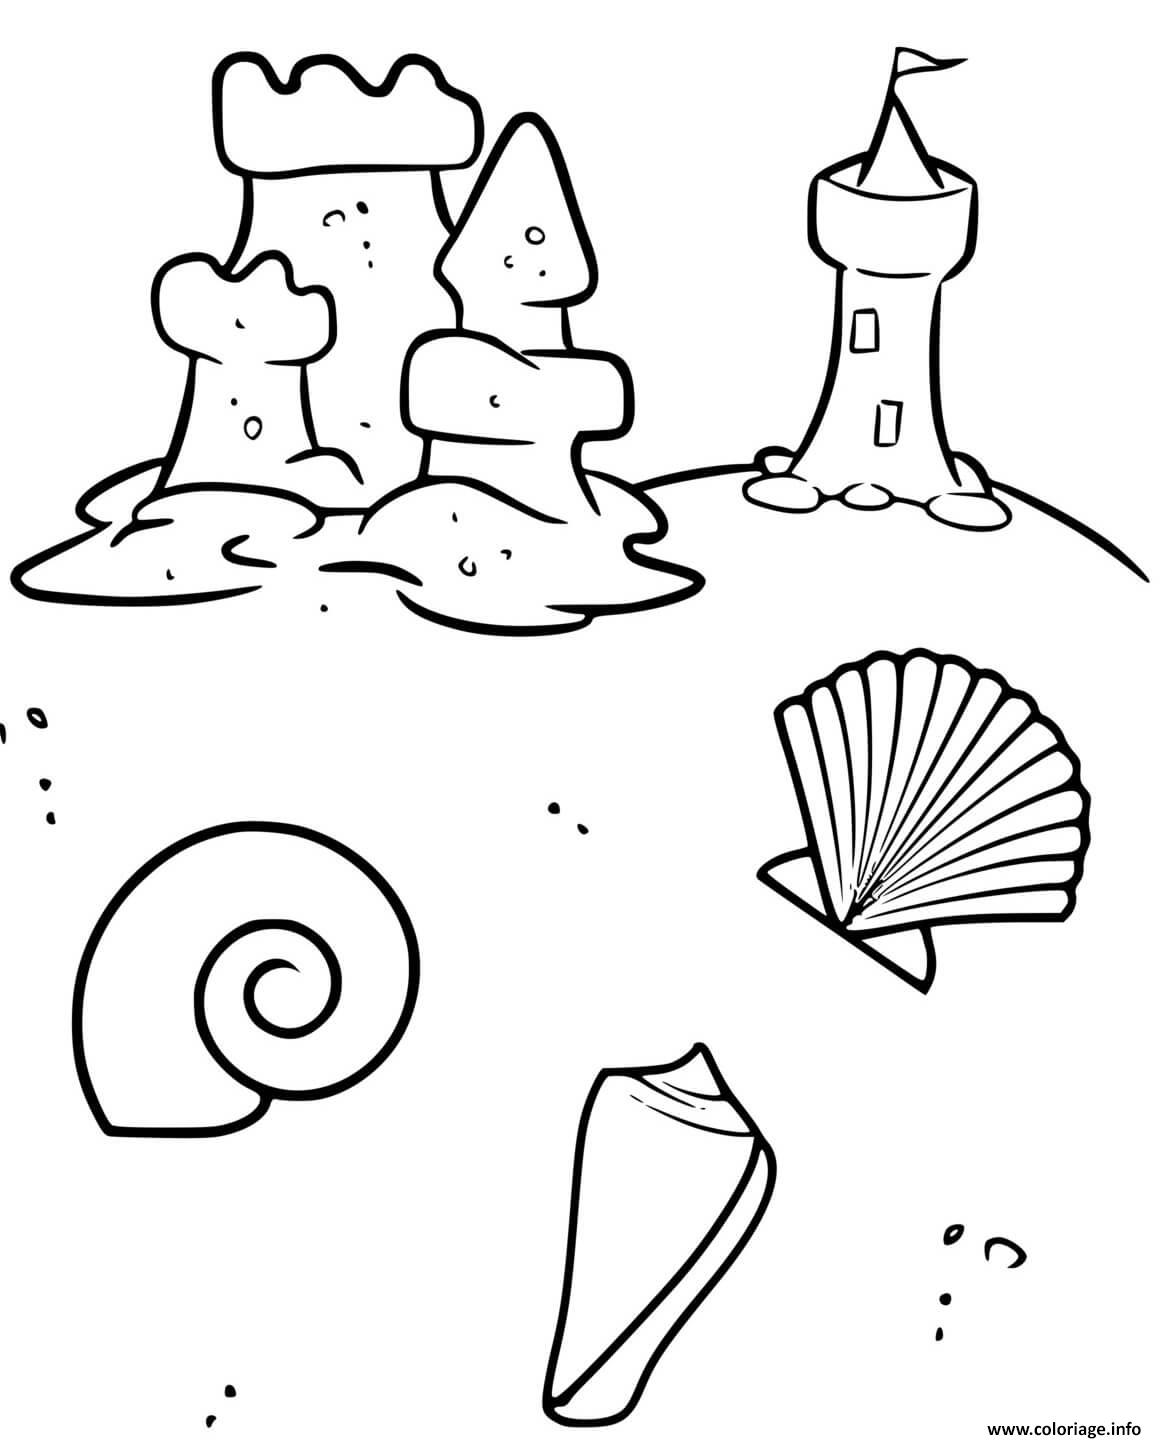 Dessin plage coquillage chateau de sable Coloriage Gratuit à Imprimer